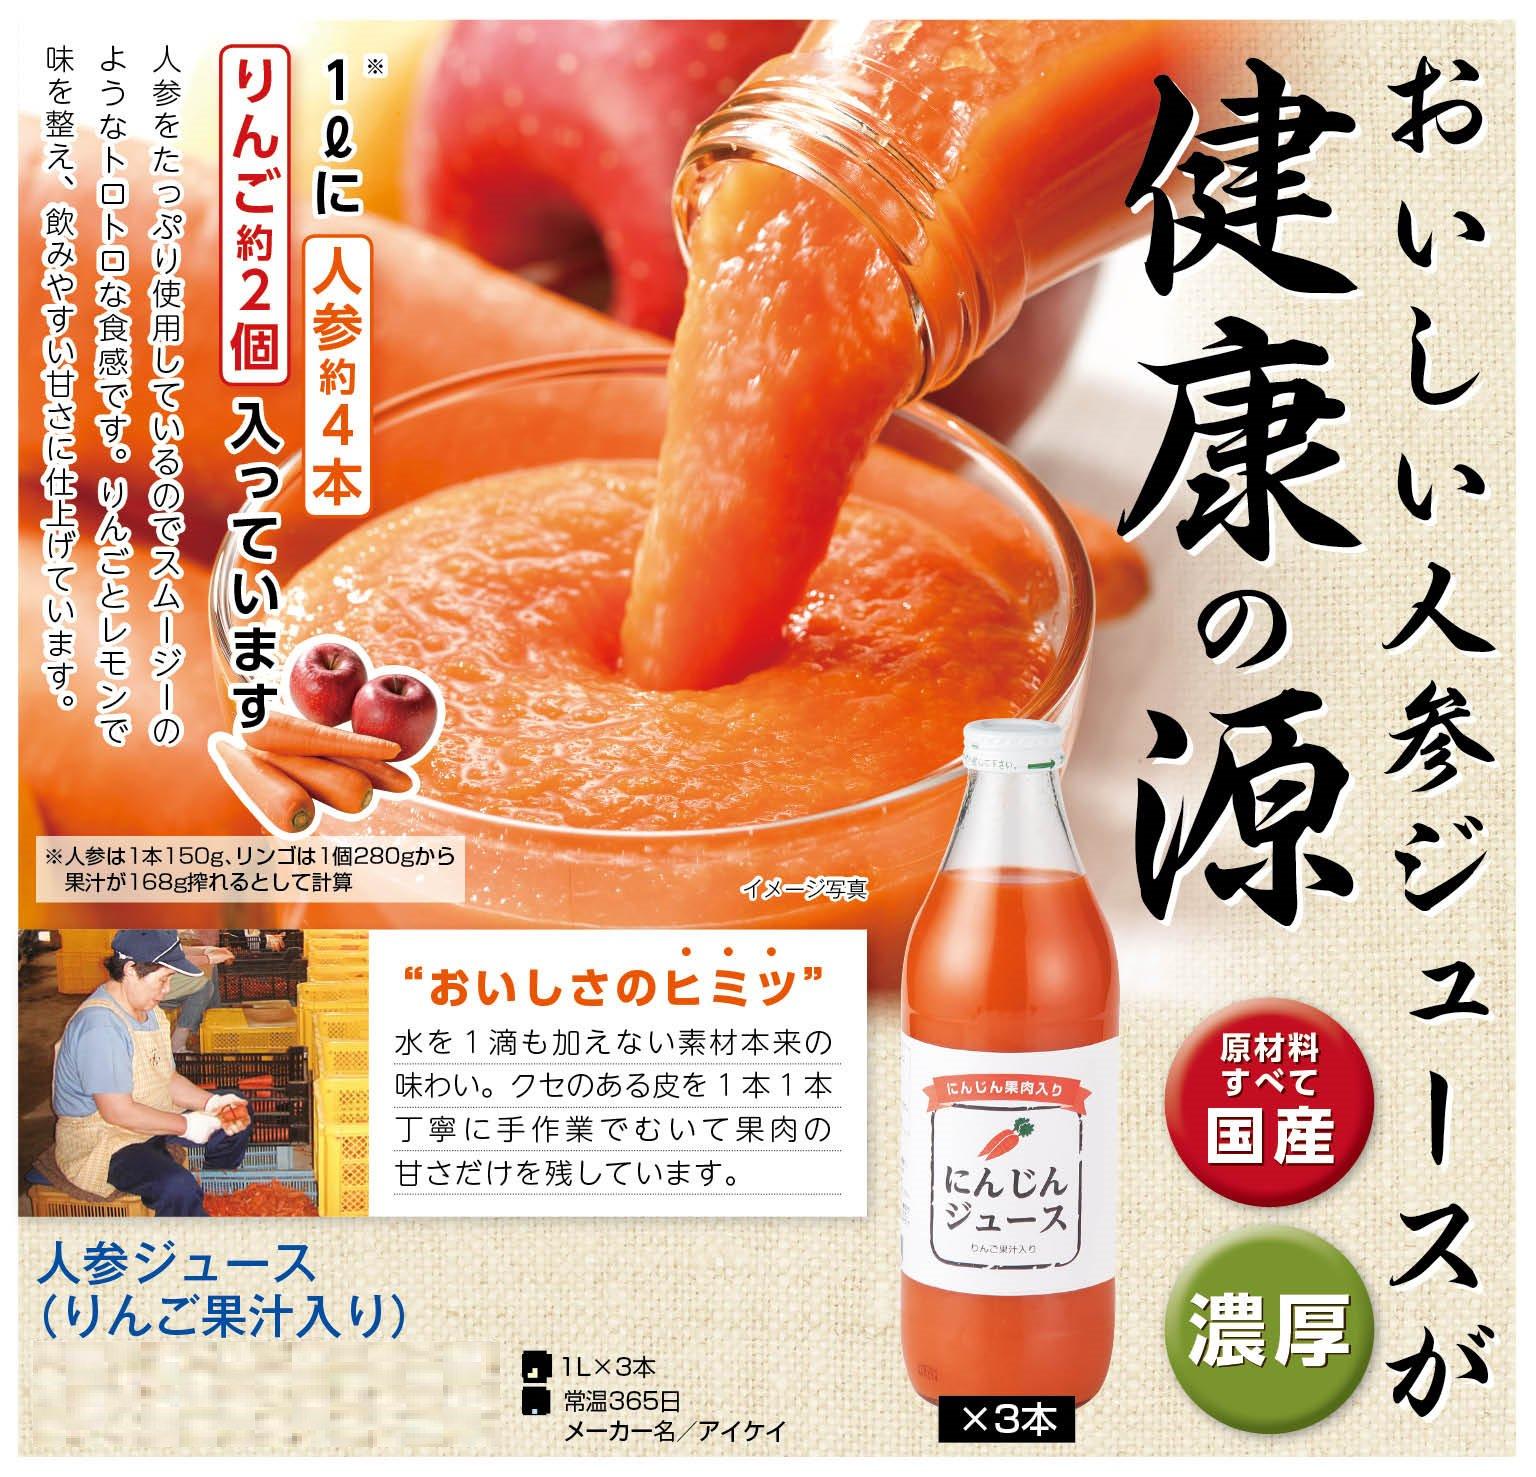 人参ジュース(りんご果汁入り) 1L×3本